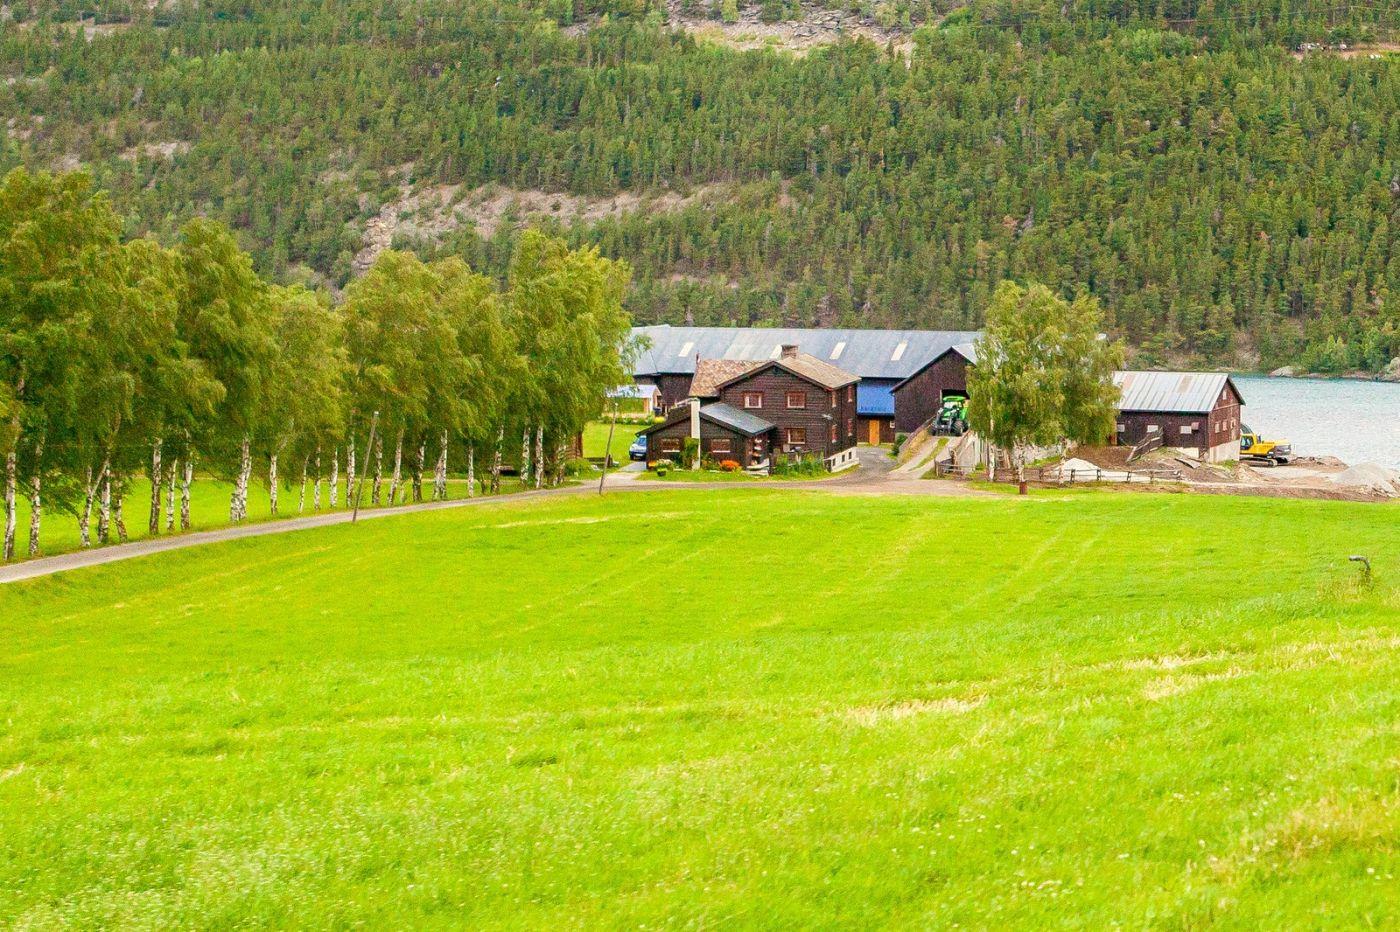 北欧旅途,美丽的田园_图1-27